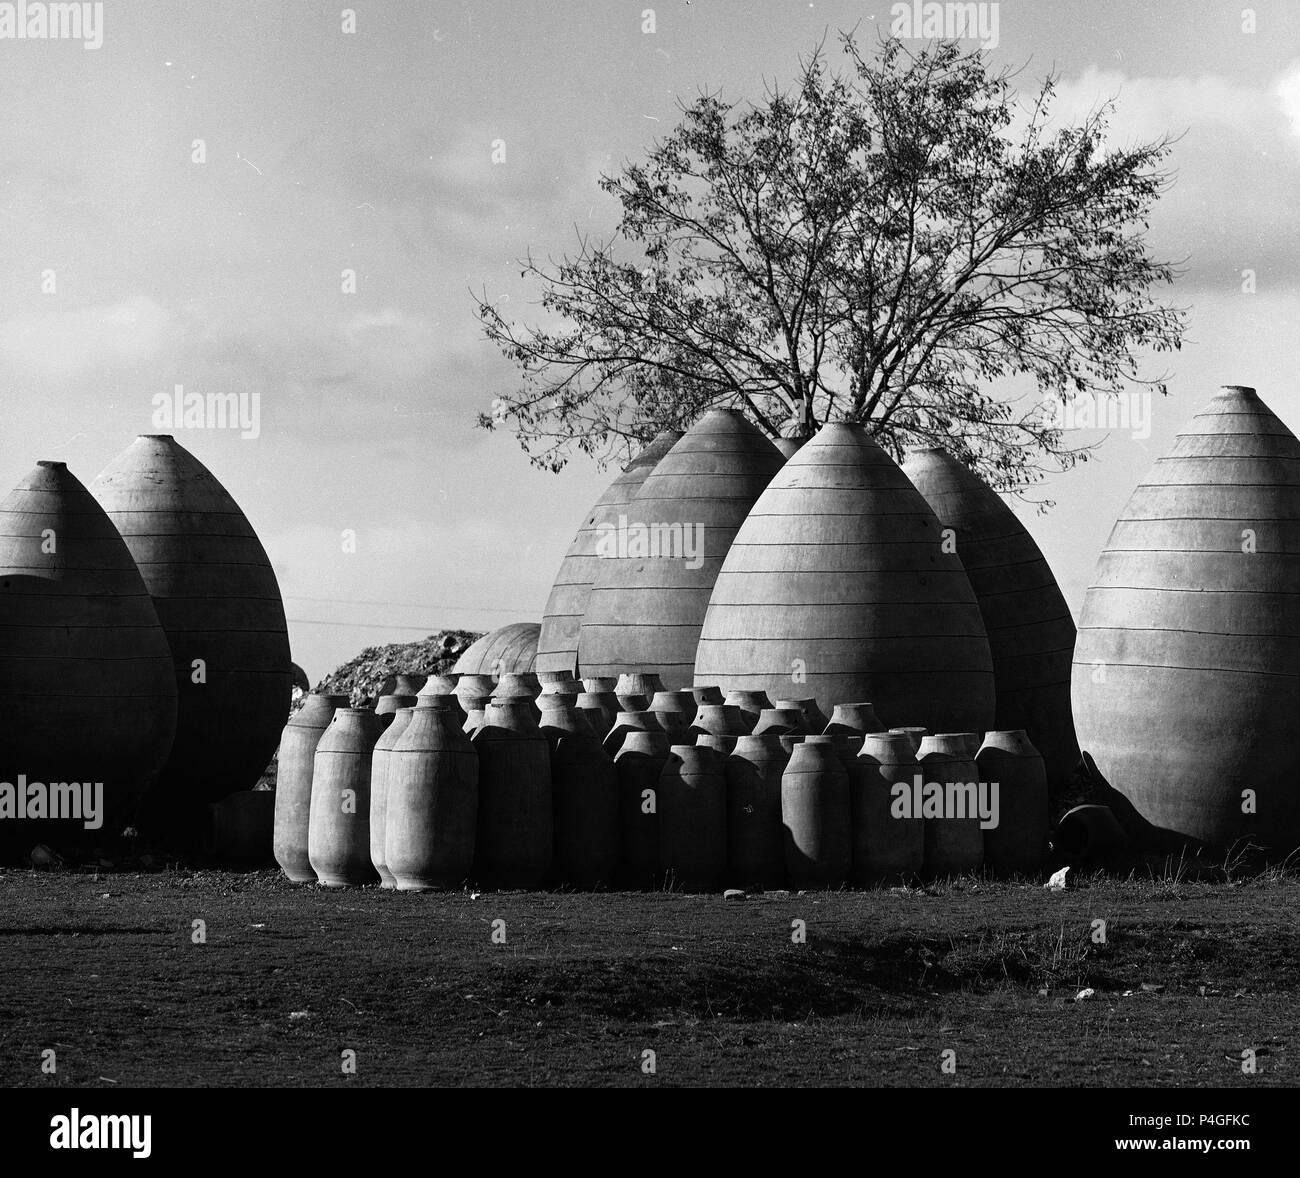 TINAJAS - FOTOGRAFIA EN BLANCO Y NEGRO - AÑOS 60. Location: ALFARERIA, SPAIN. - Stock Image